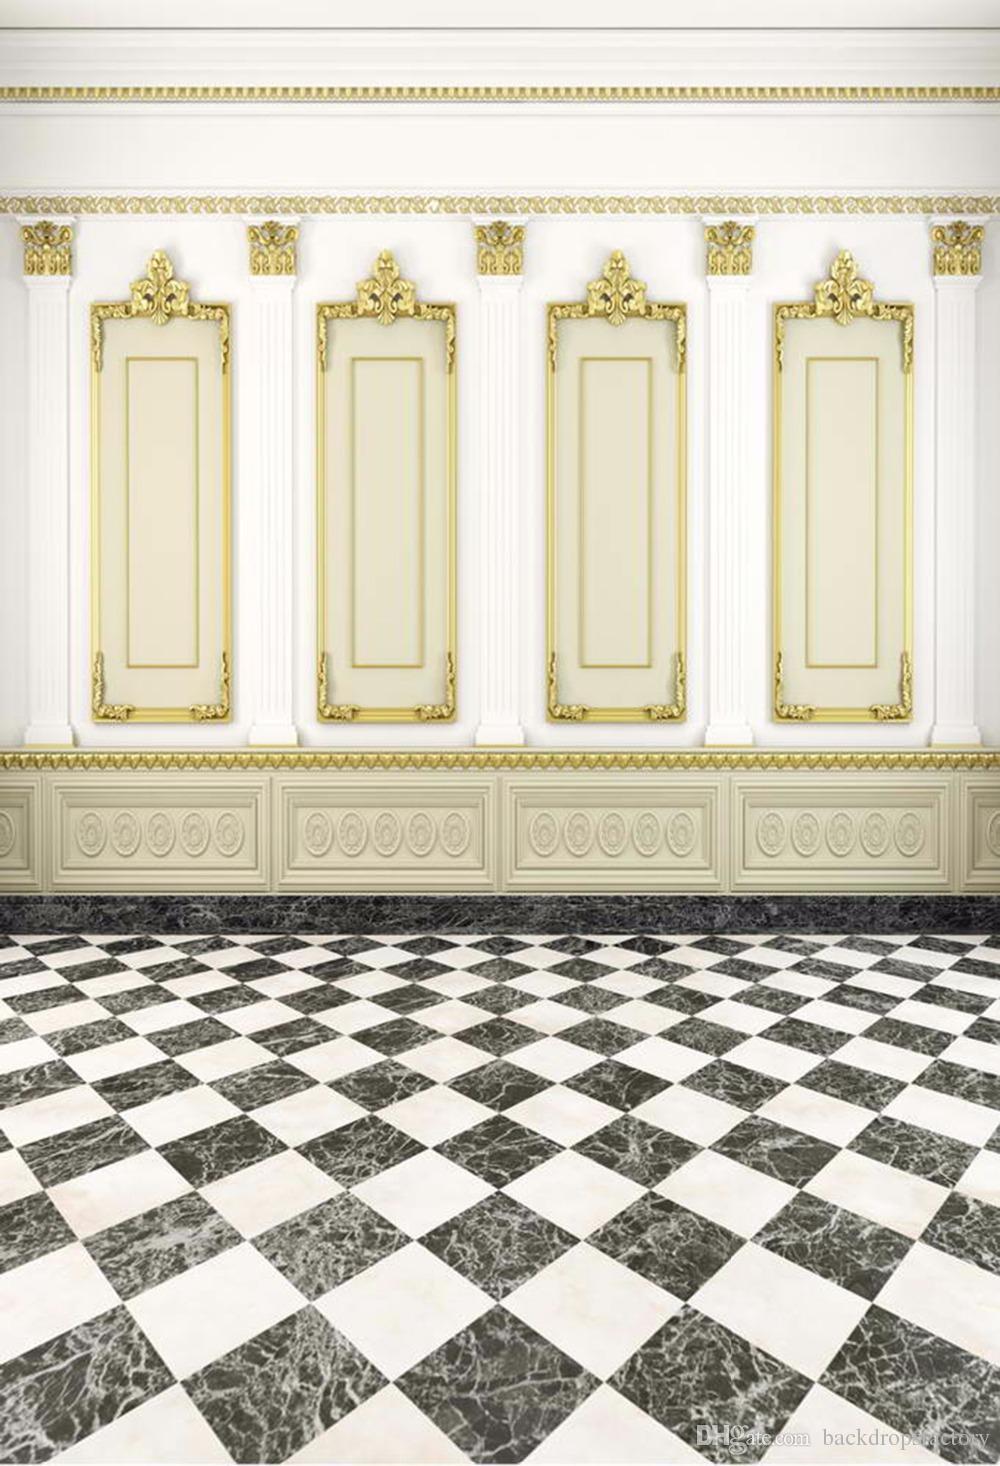 الفاخرة داخلي الخلفيات التصوير الرقمي المطبوعة الذهب إطارات الصور جدار أبيض الزفاف الخلفيات الخلفيات أبيض وأسود الكلمة